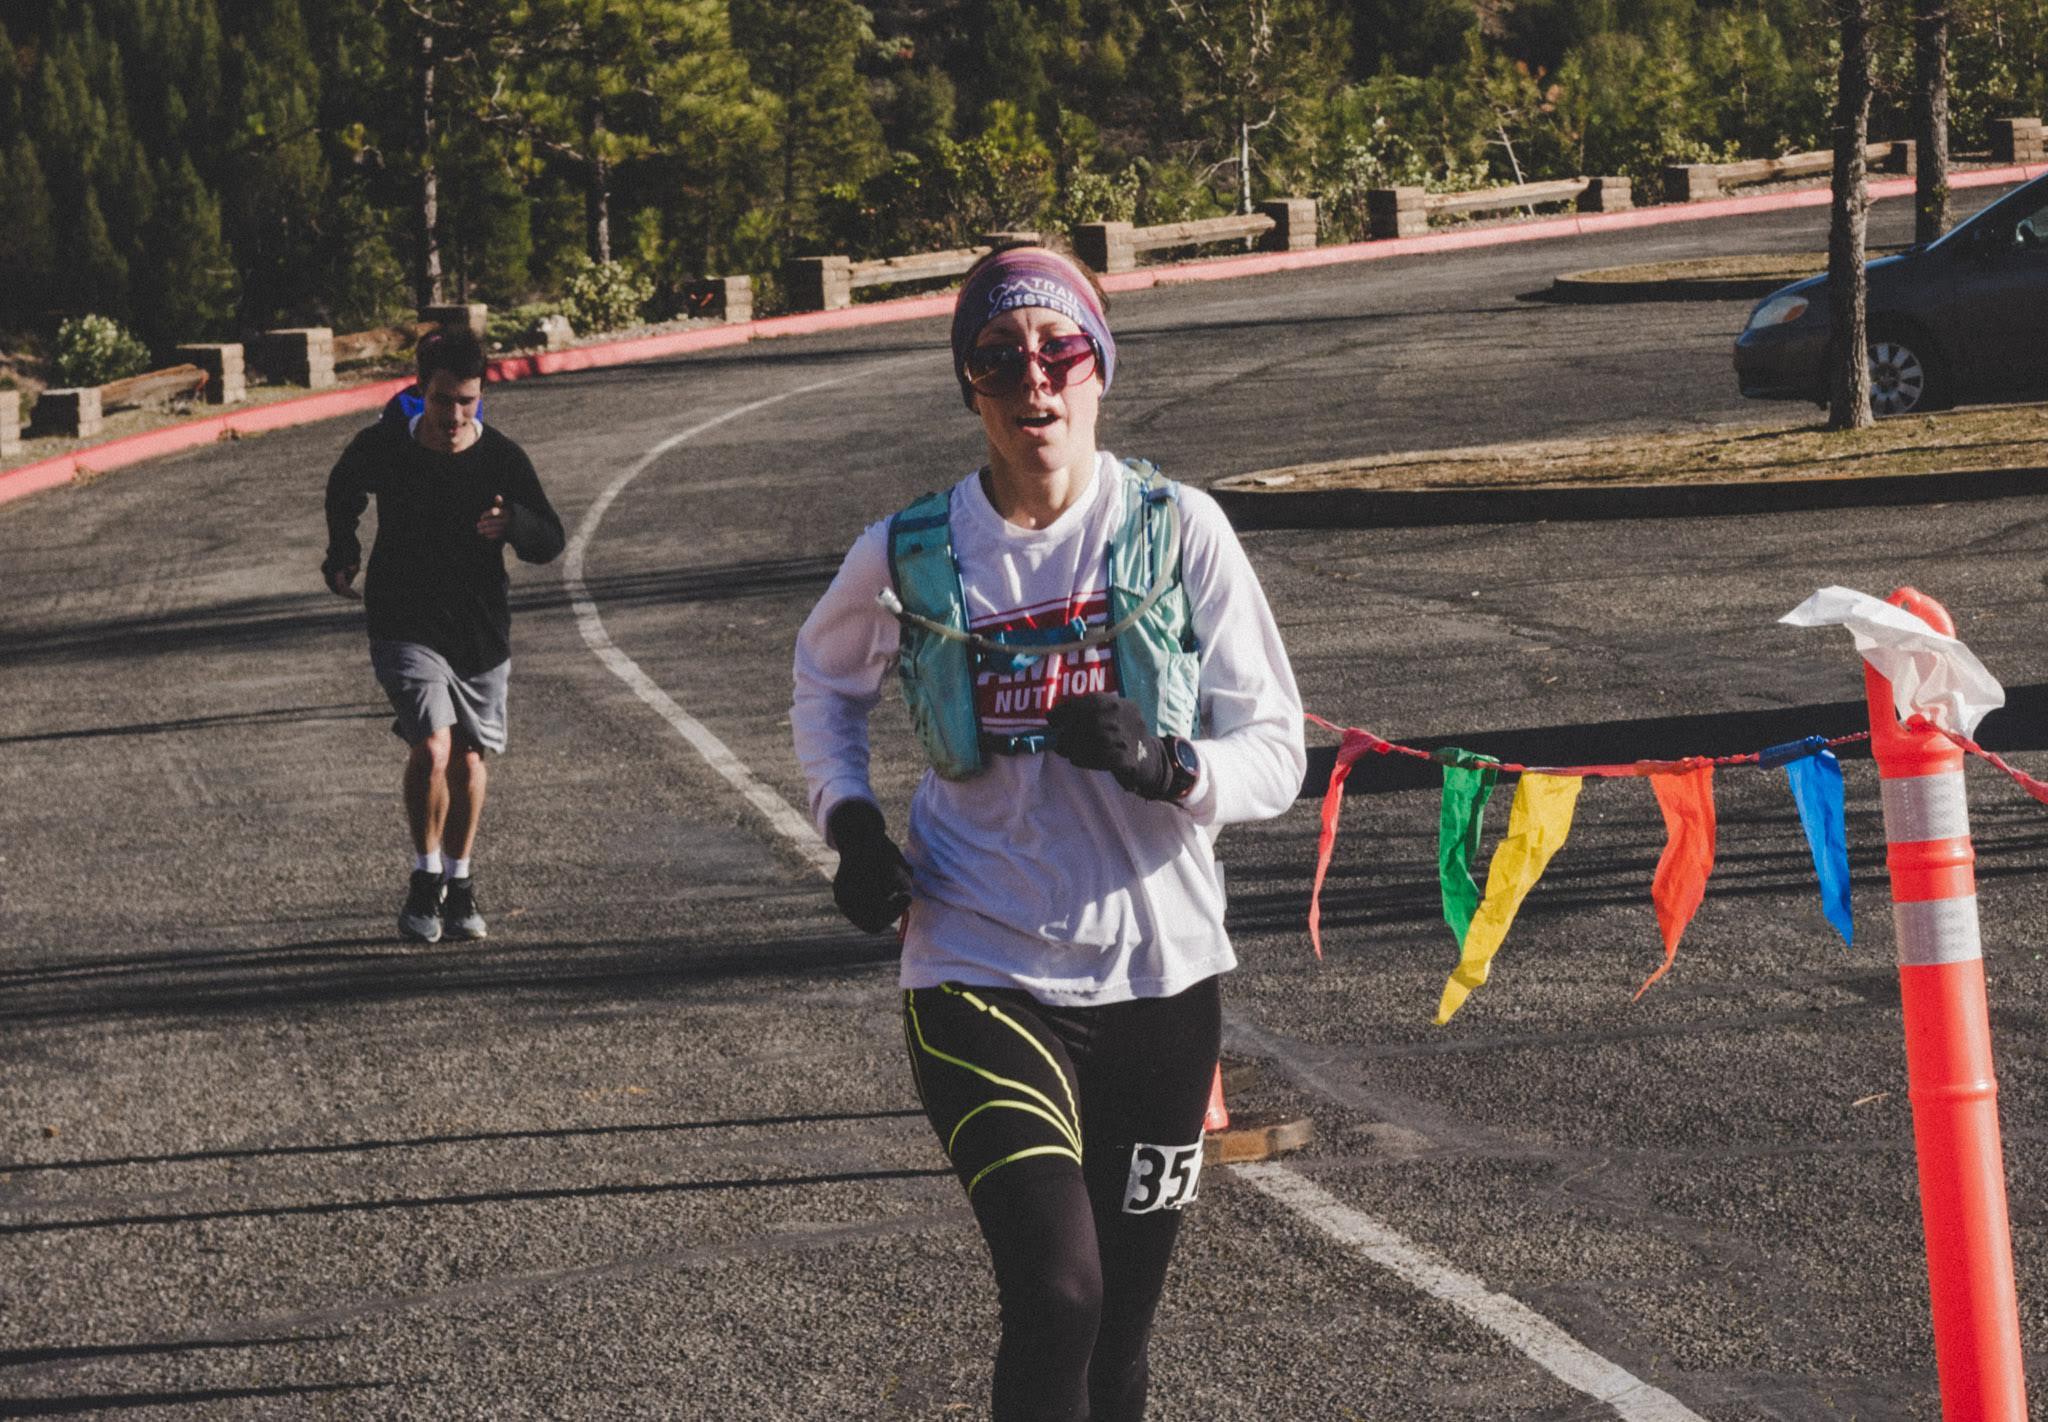 clikapudi trail race finish